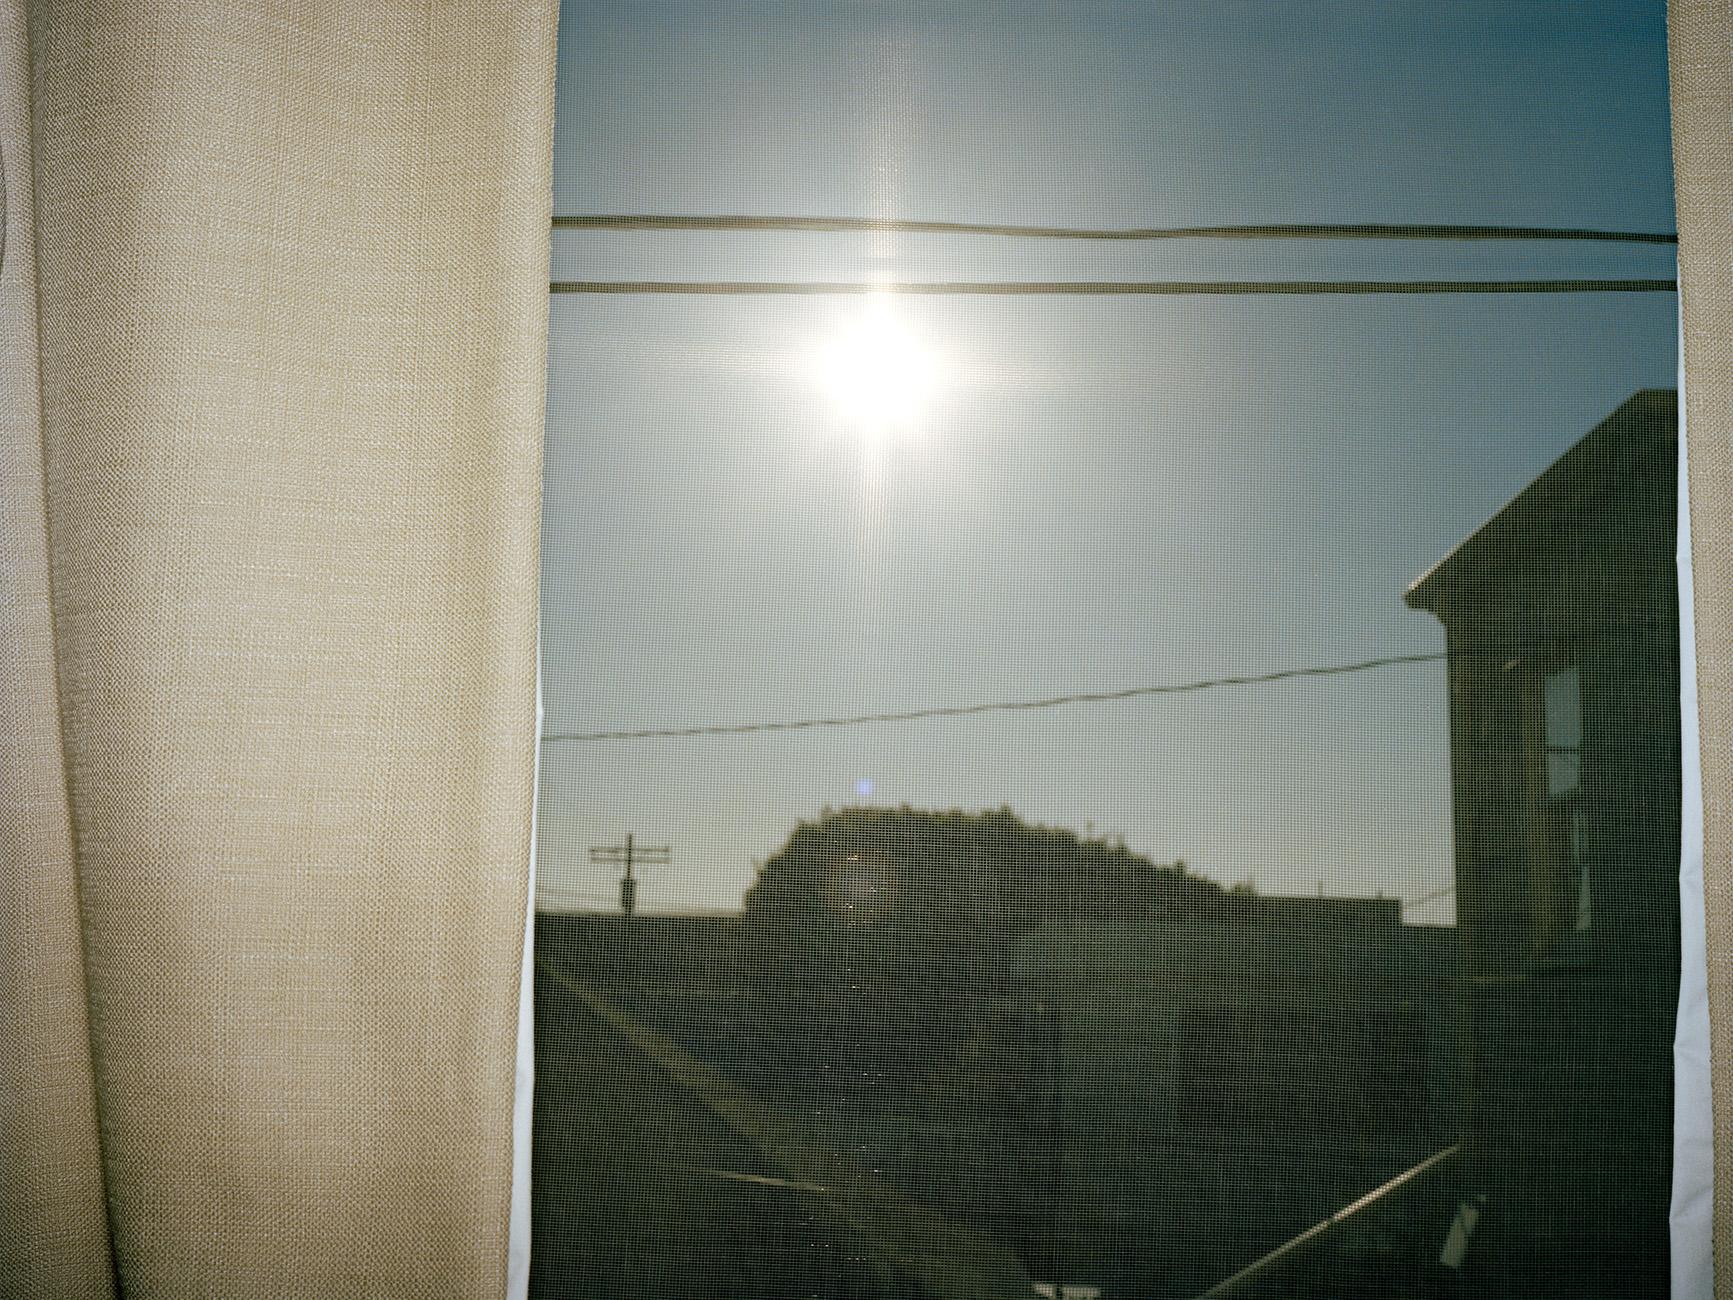 marks fönster 2 copy.jpg